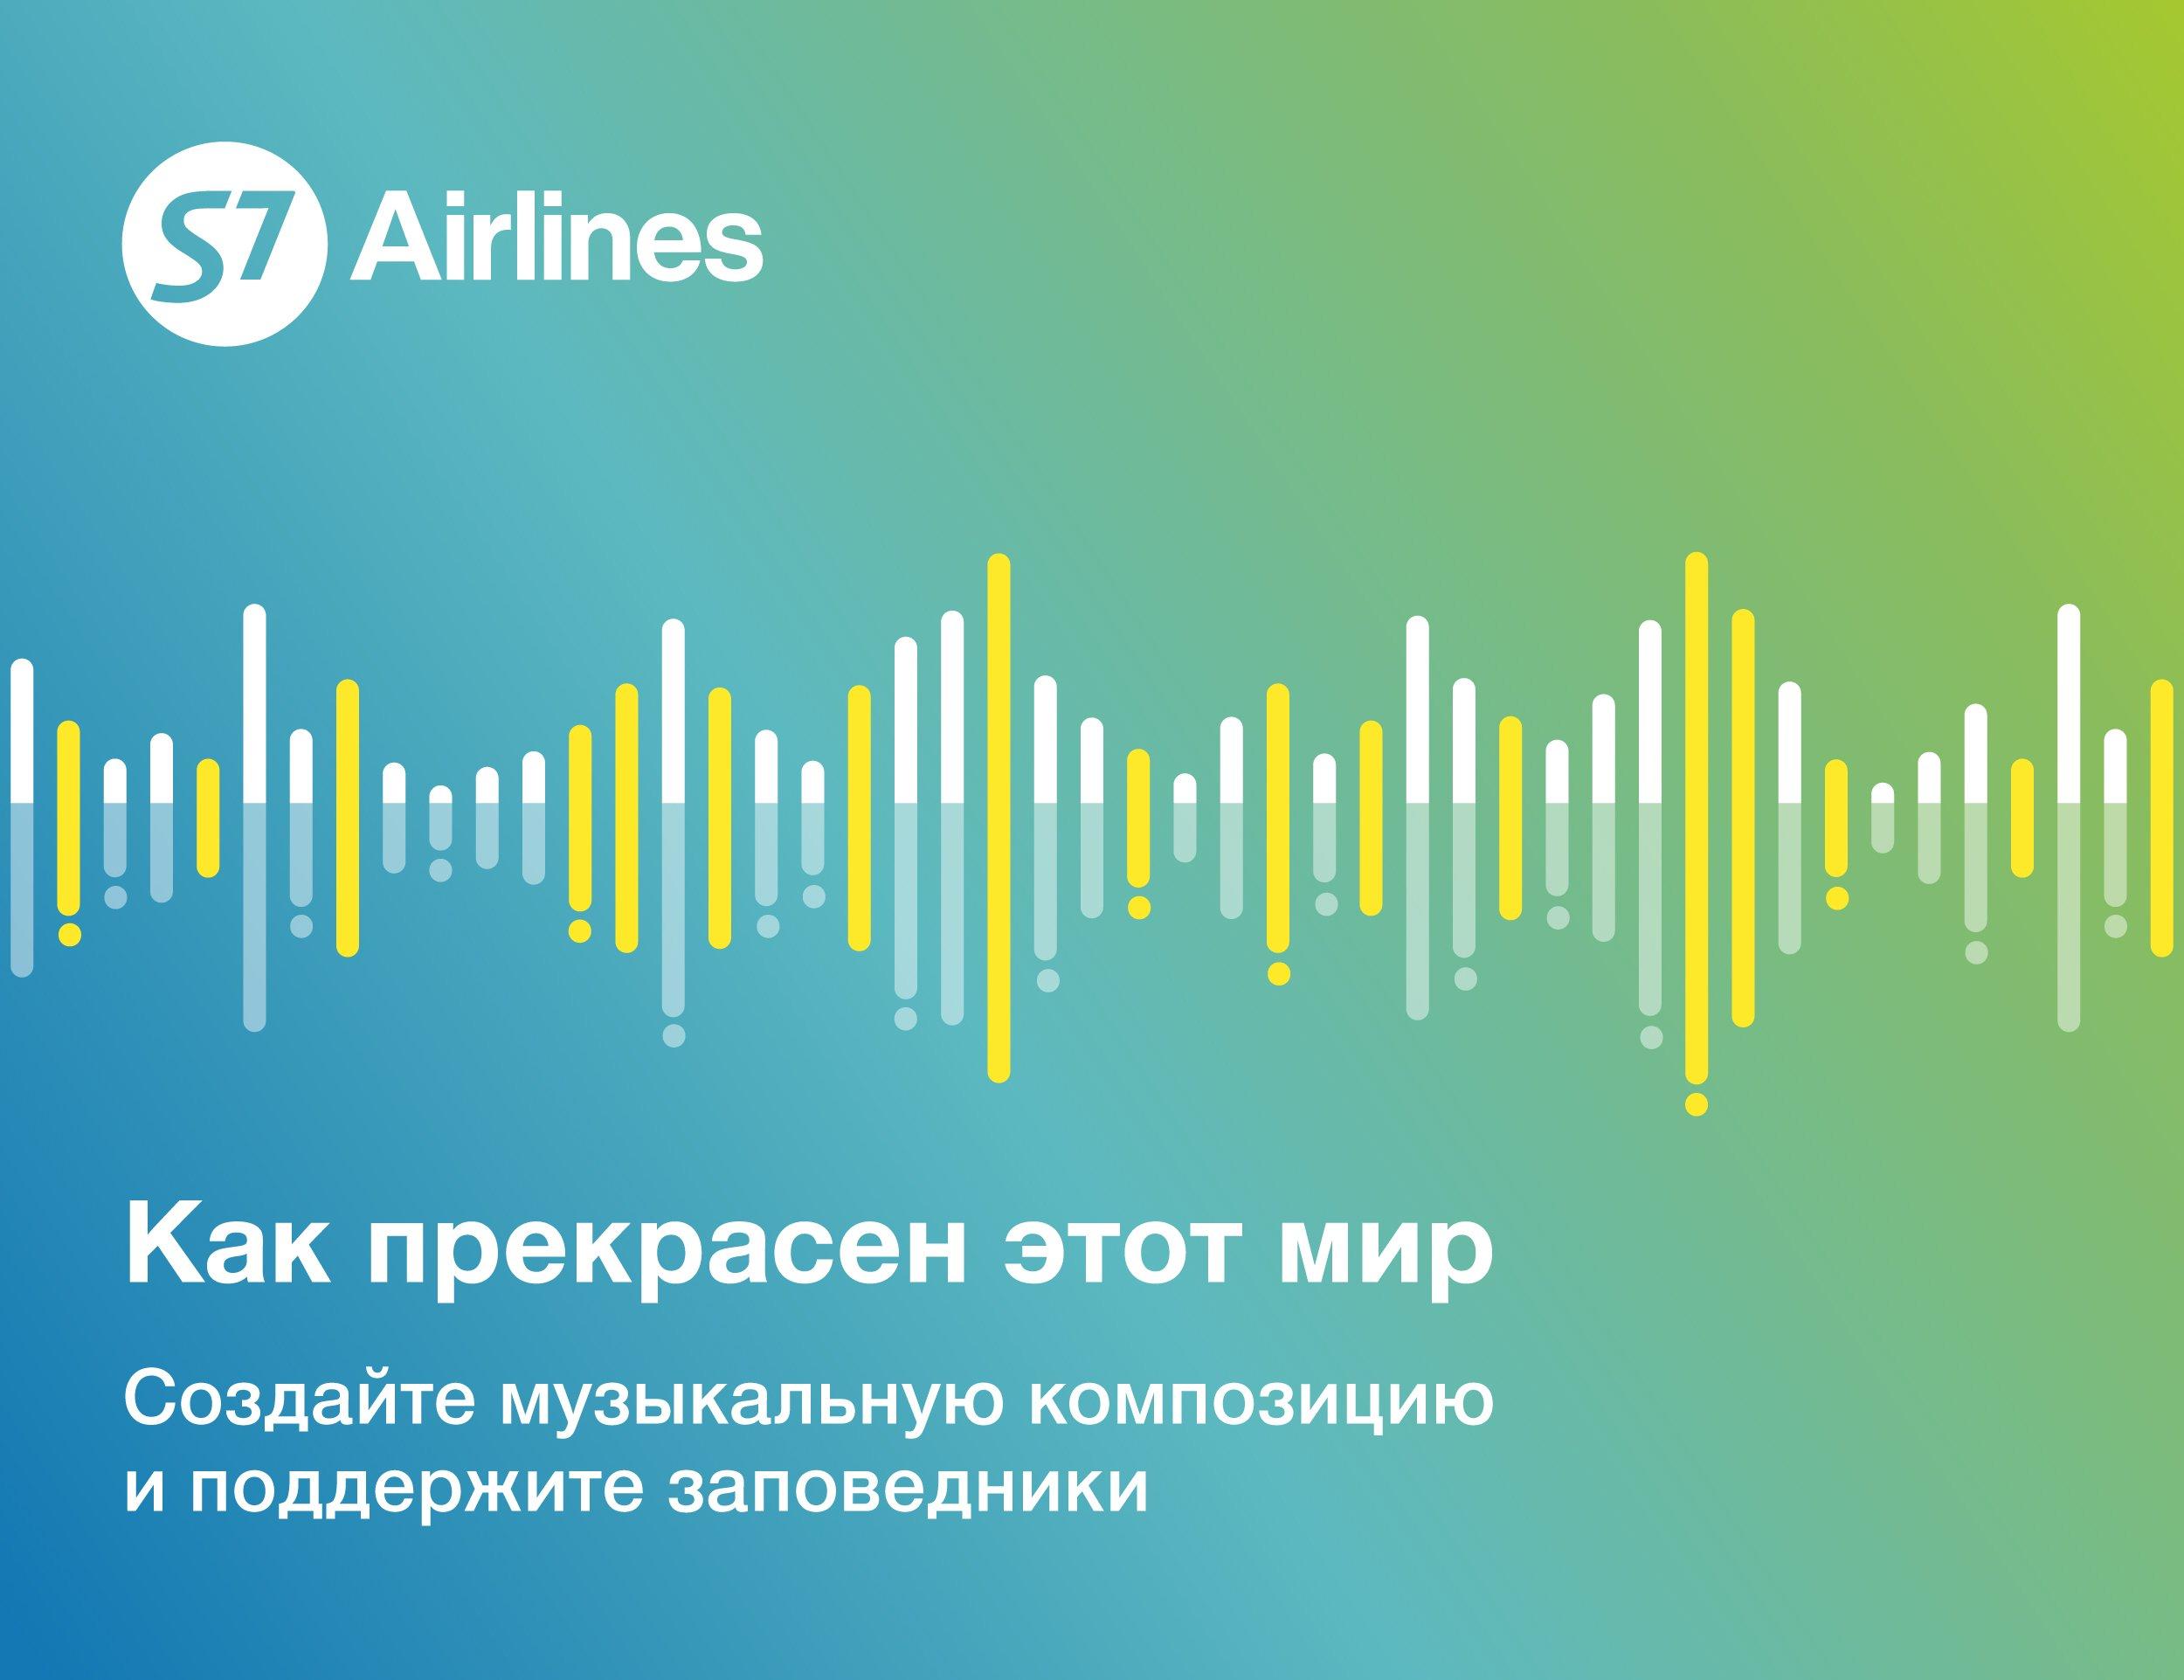 S7 Airlines поддерживает заповедники в своем новом спецпроекте